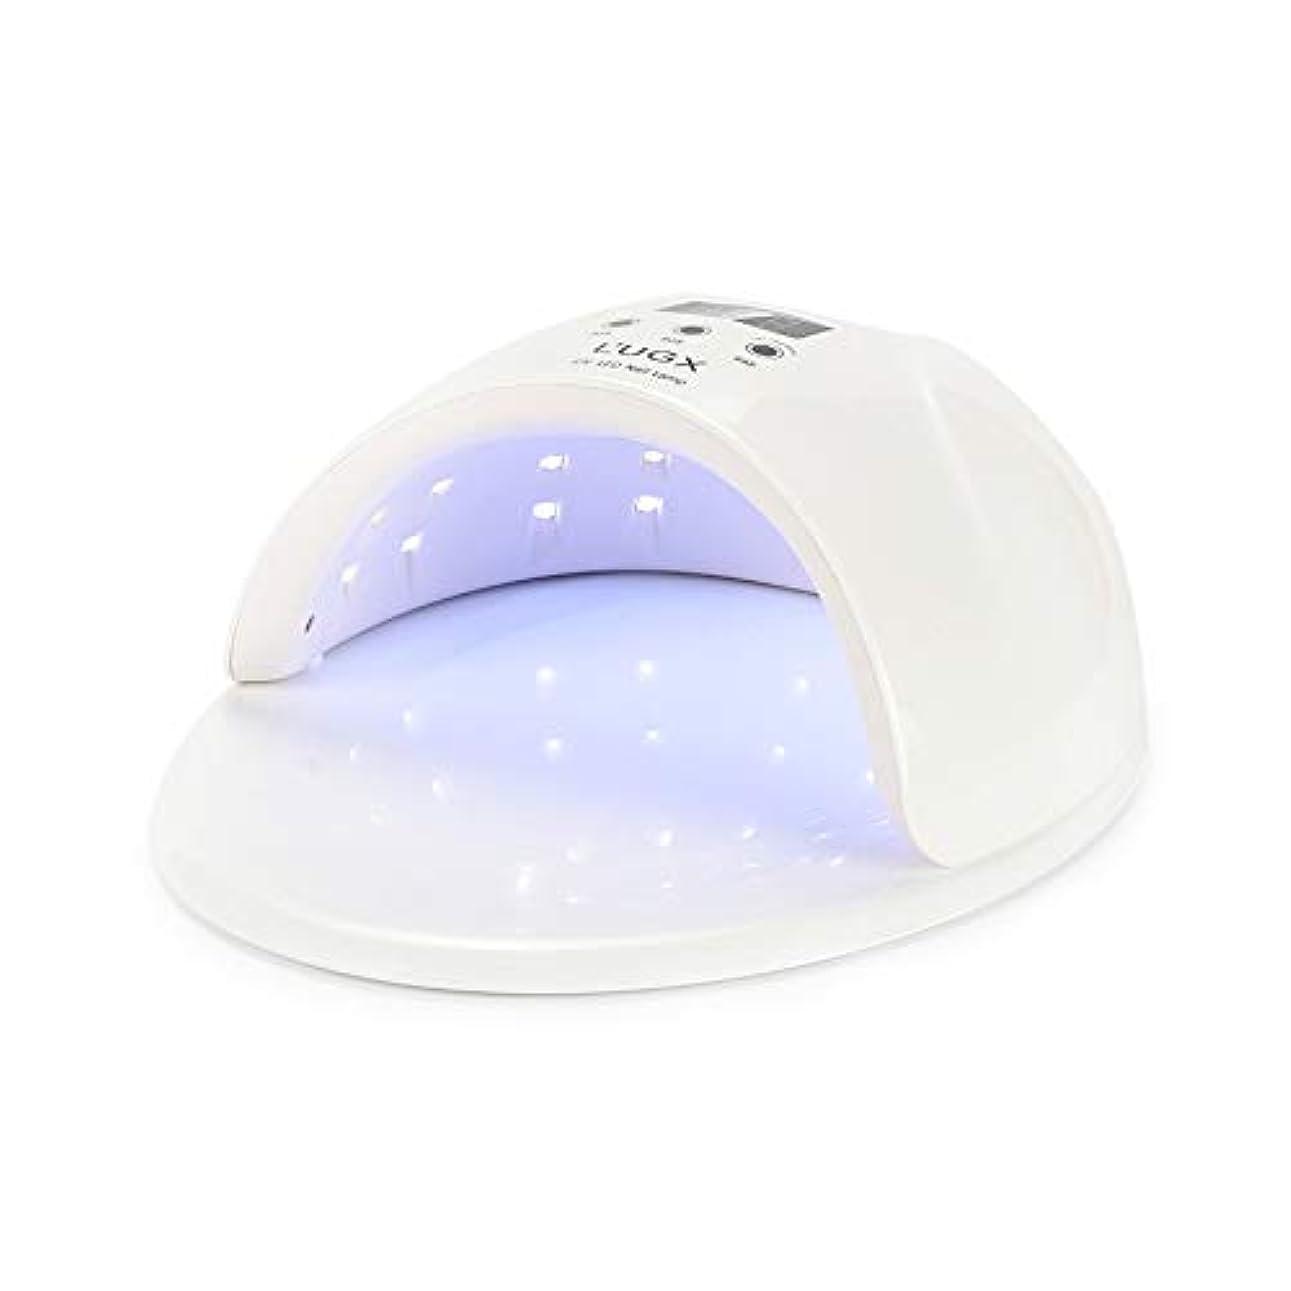 持続する真面目なこしょうジェルネイルランプ、3タイマー設定付き50W UV LEDジェルネイルドライヤー - ジェルネイルポリッシュランプ